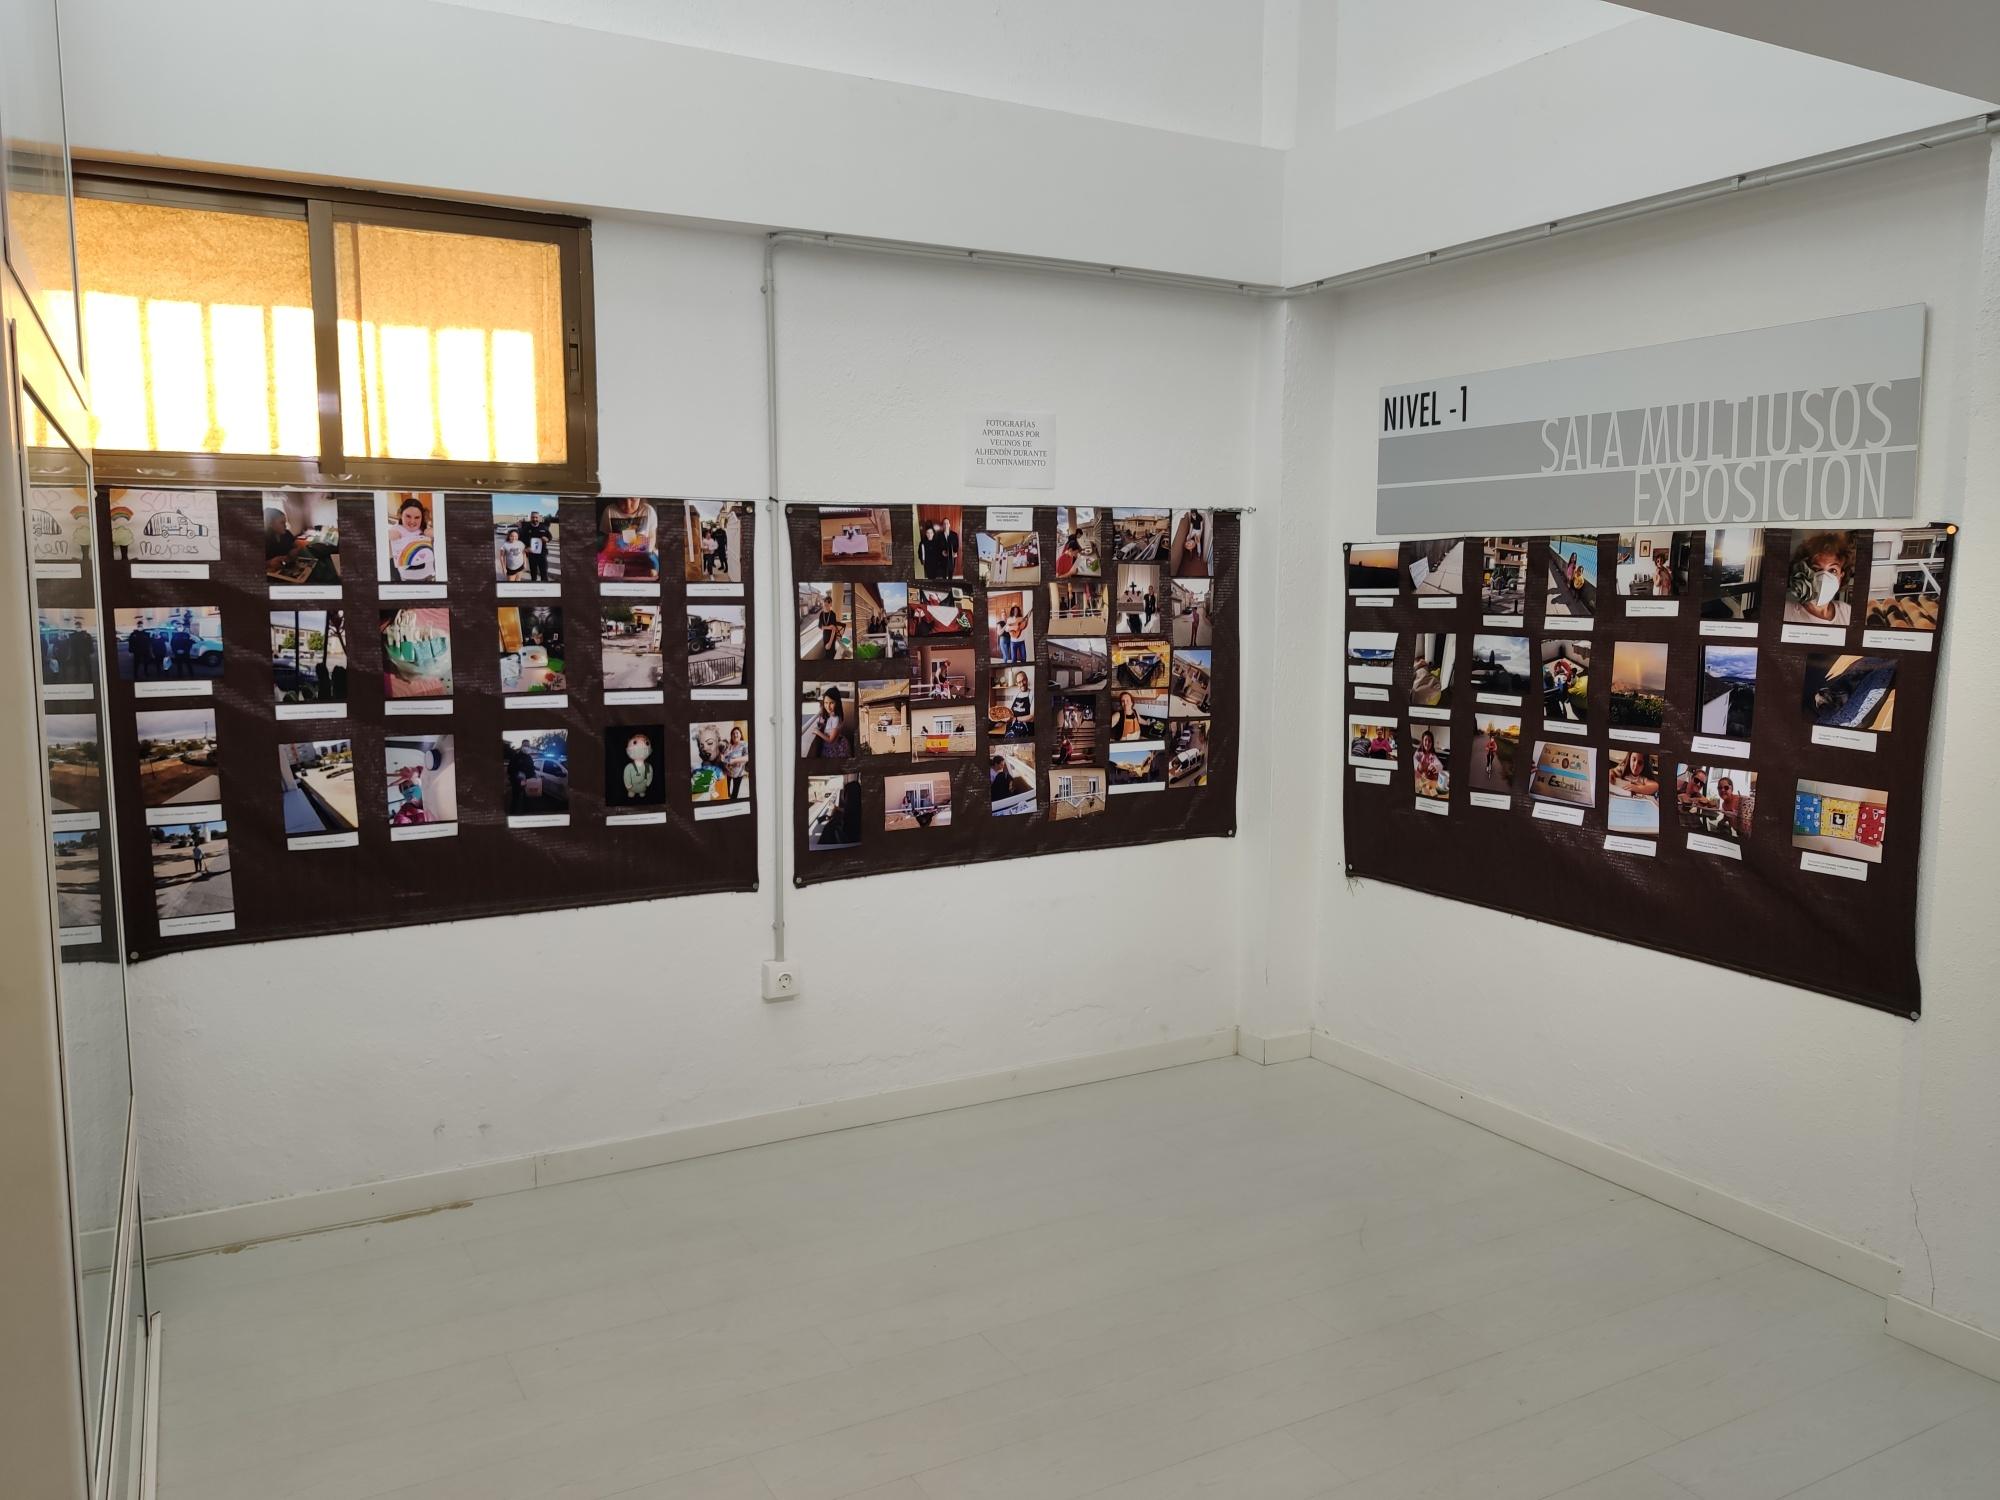 Una exposición recoge fotografías que los vecinos de Alhendín hicieron durante el confinamiento